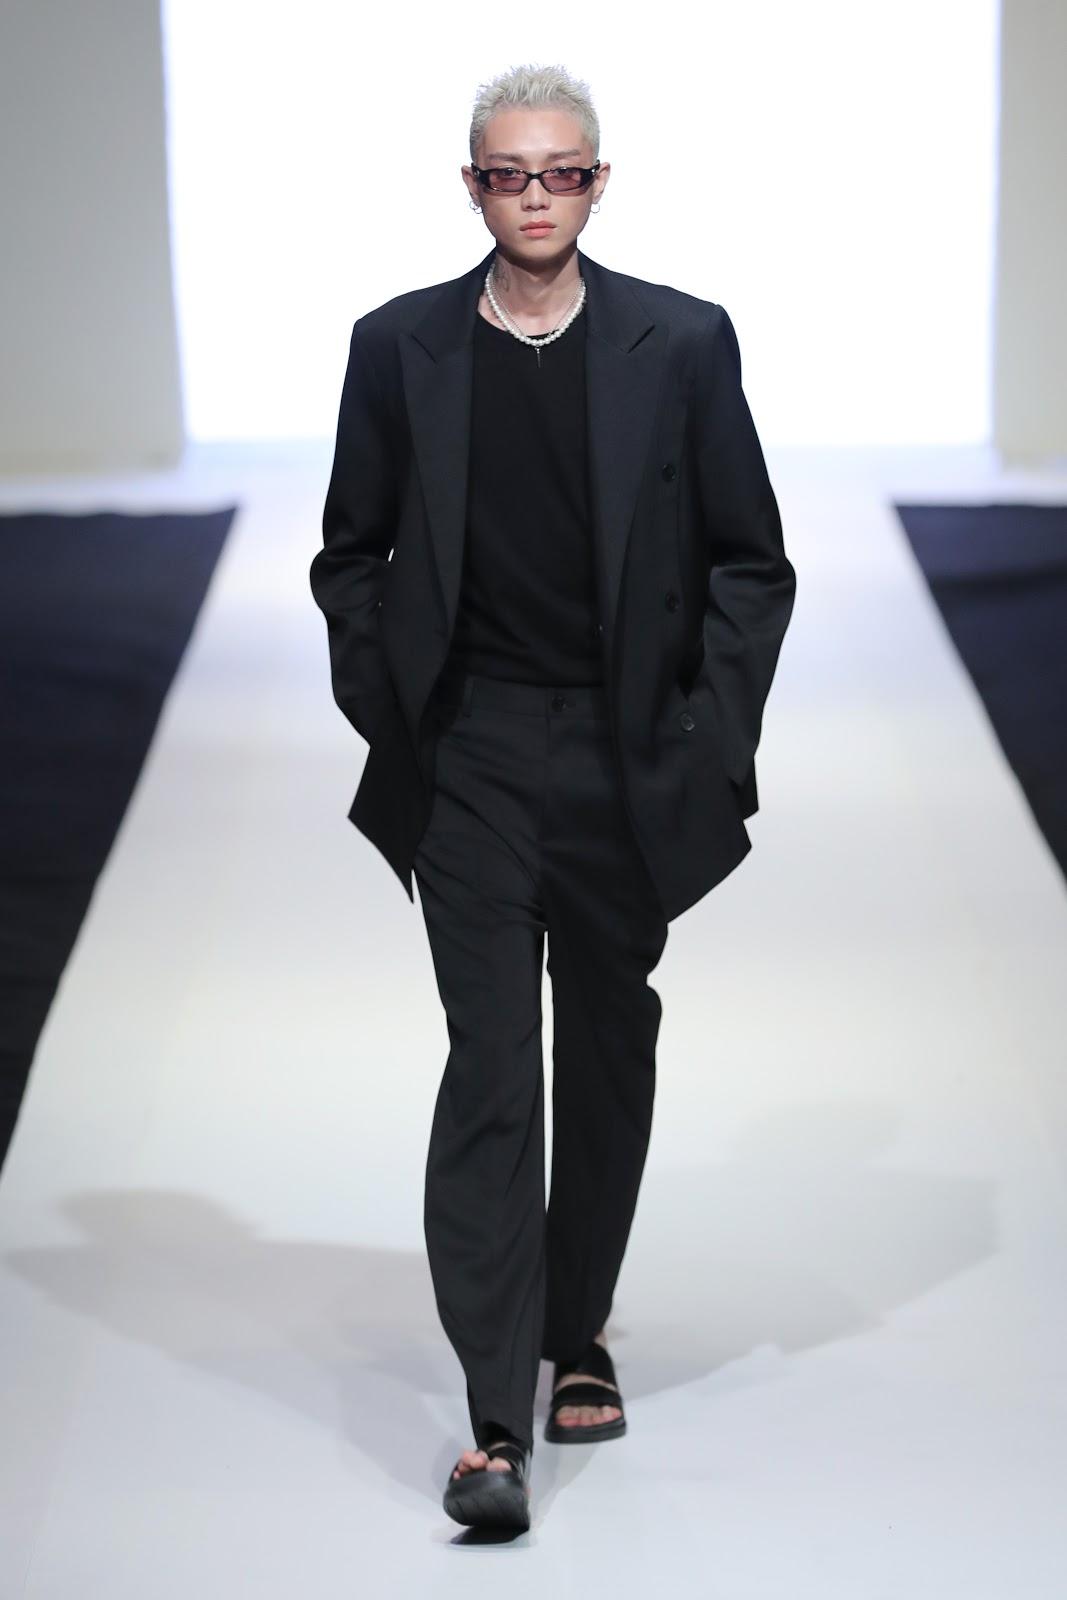 Sau ồn ào với Trương Thế Vinh, Maschio chọn Jay Quân làm vedette cho show diễn mở màn Vietnam Runway Fashion Week - Hình 2